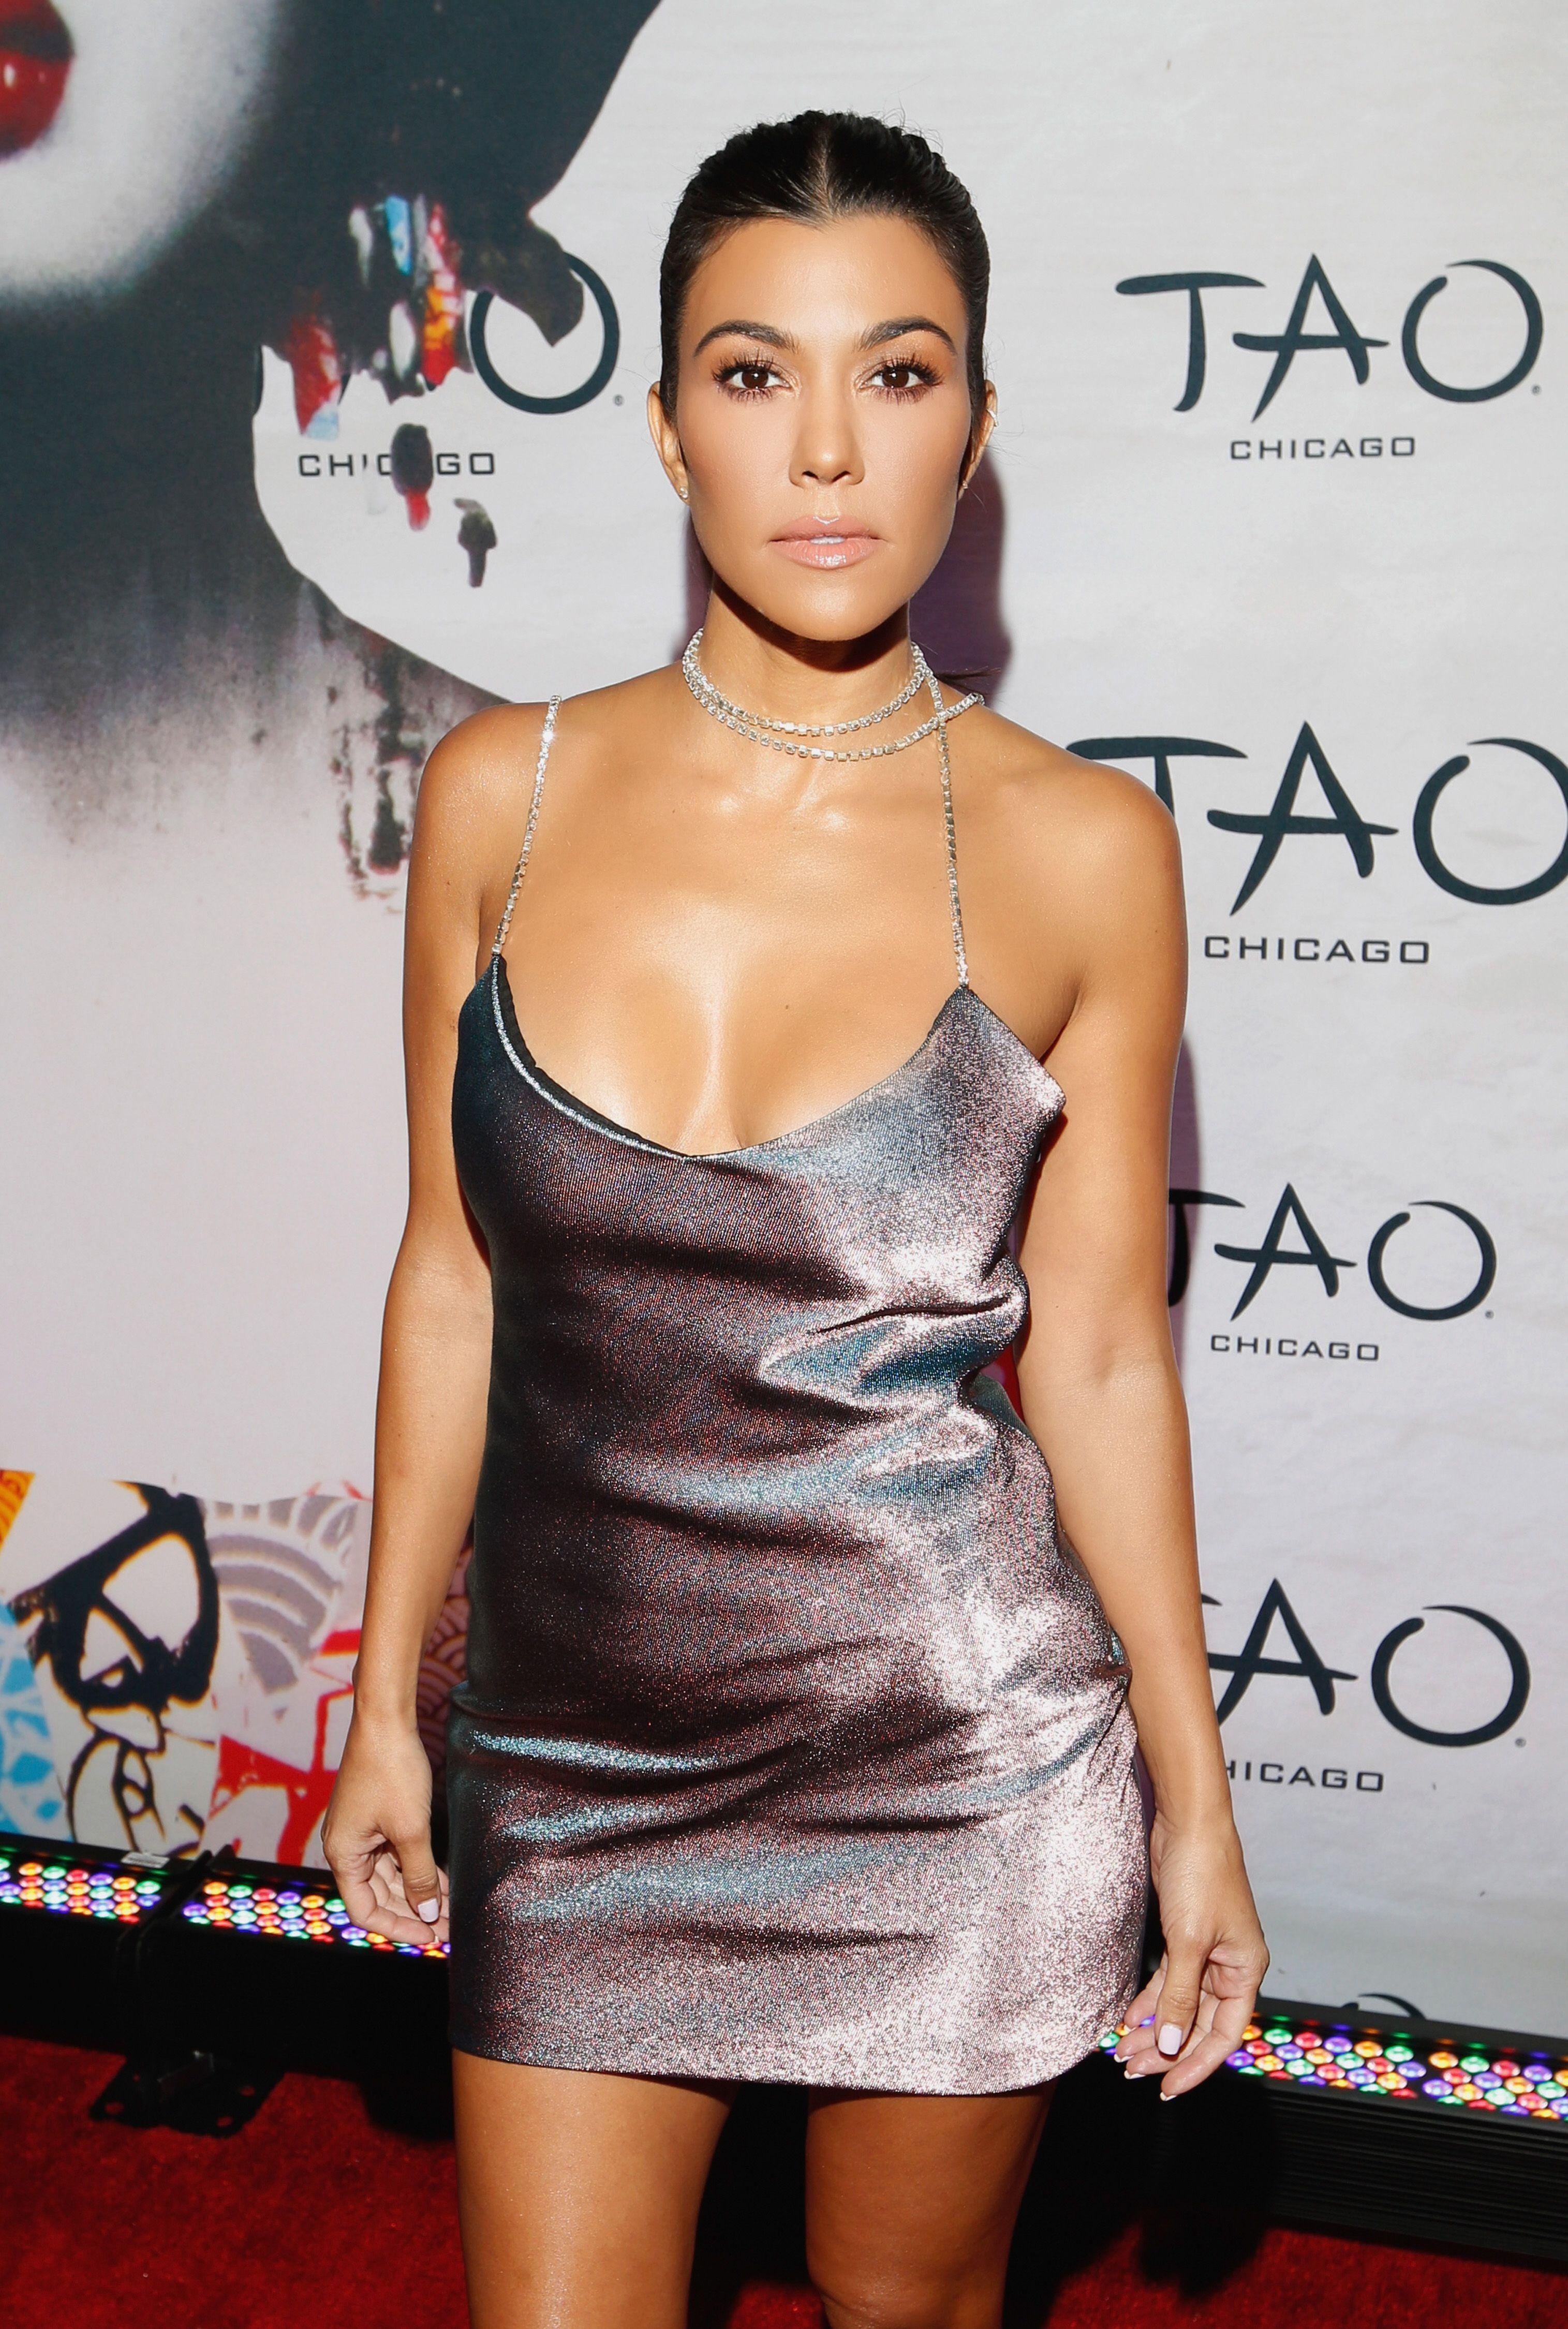 Kortney Kardashian images